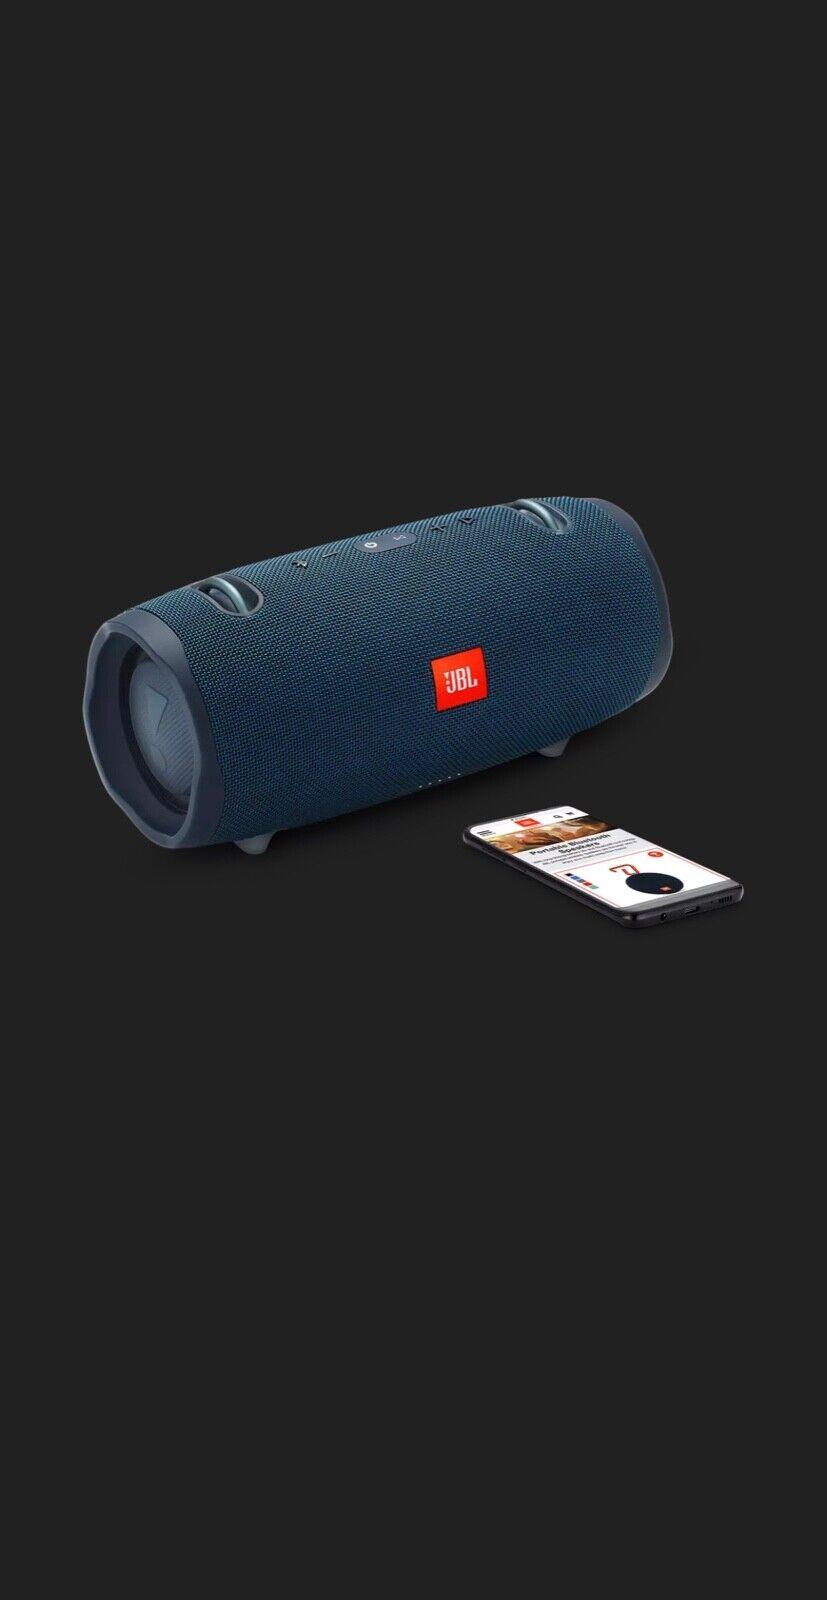 JBL Xtreme 2 Wireless Speaker BLUE Portable Waterproof Bluet